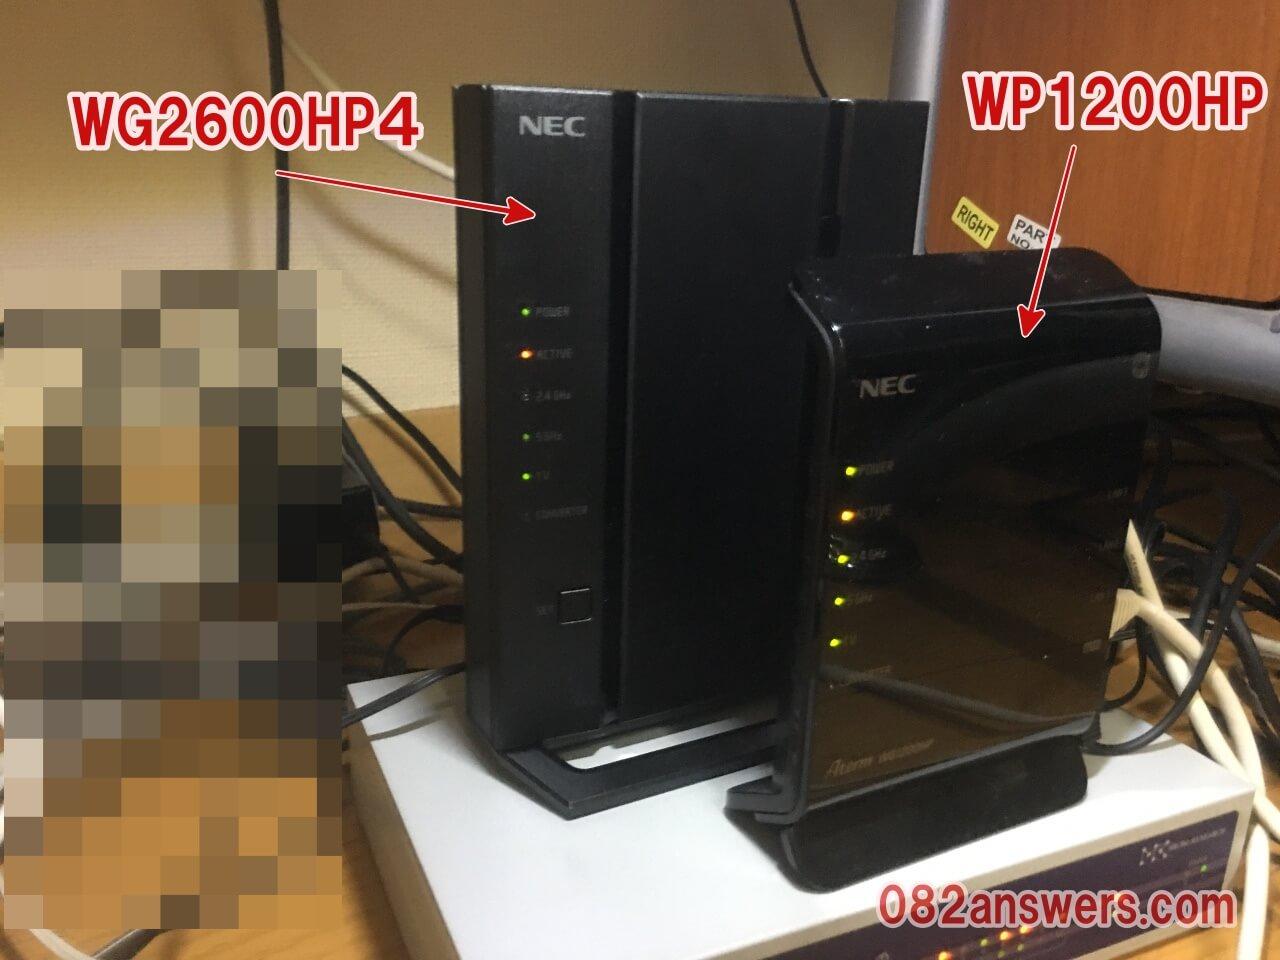 WG2600HP4とWP1200HPの画像